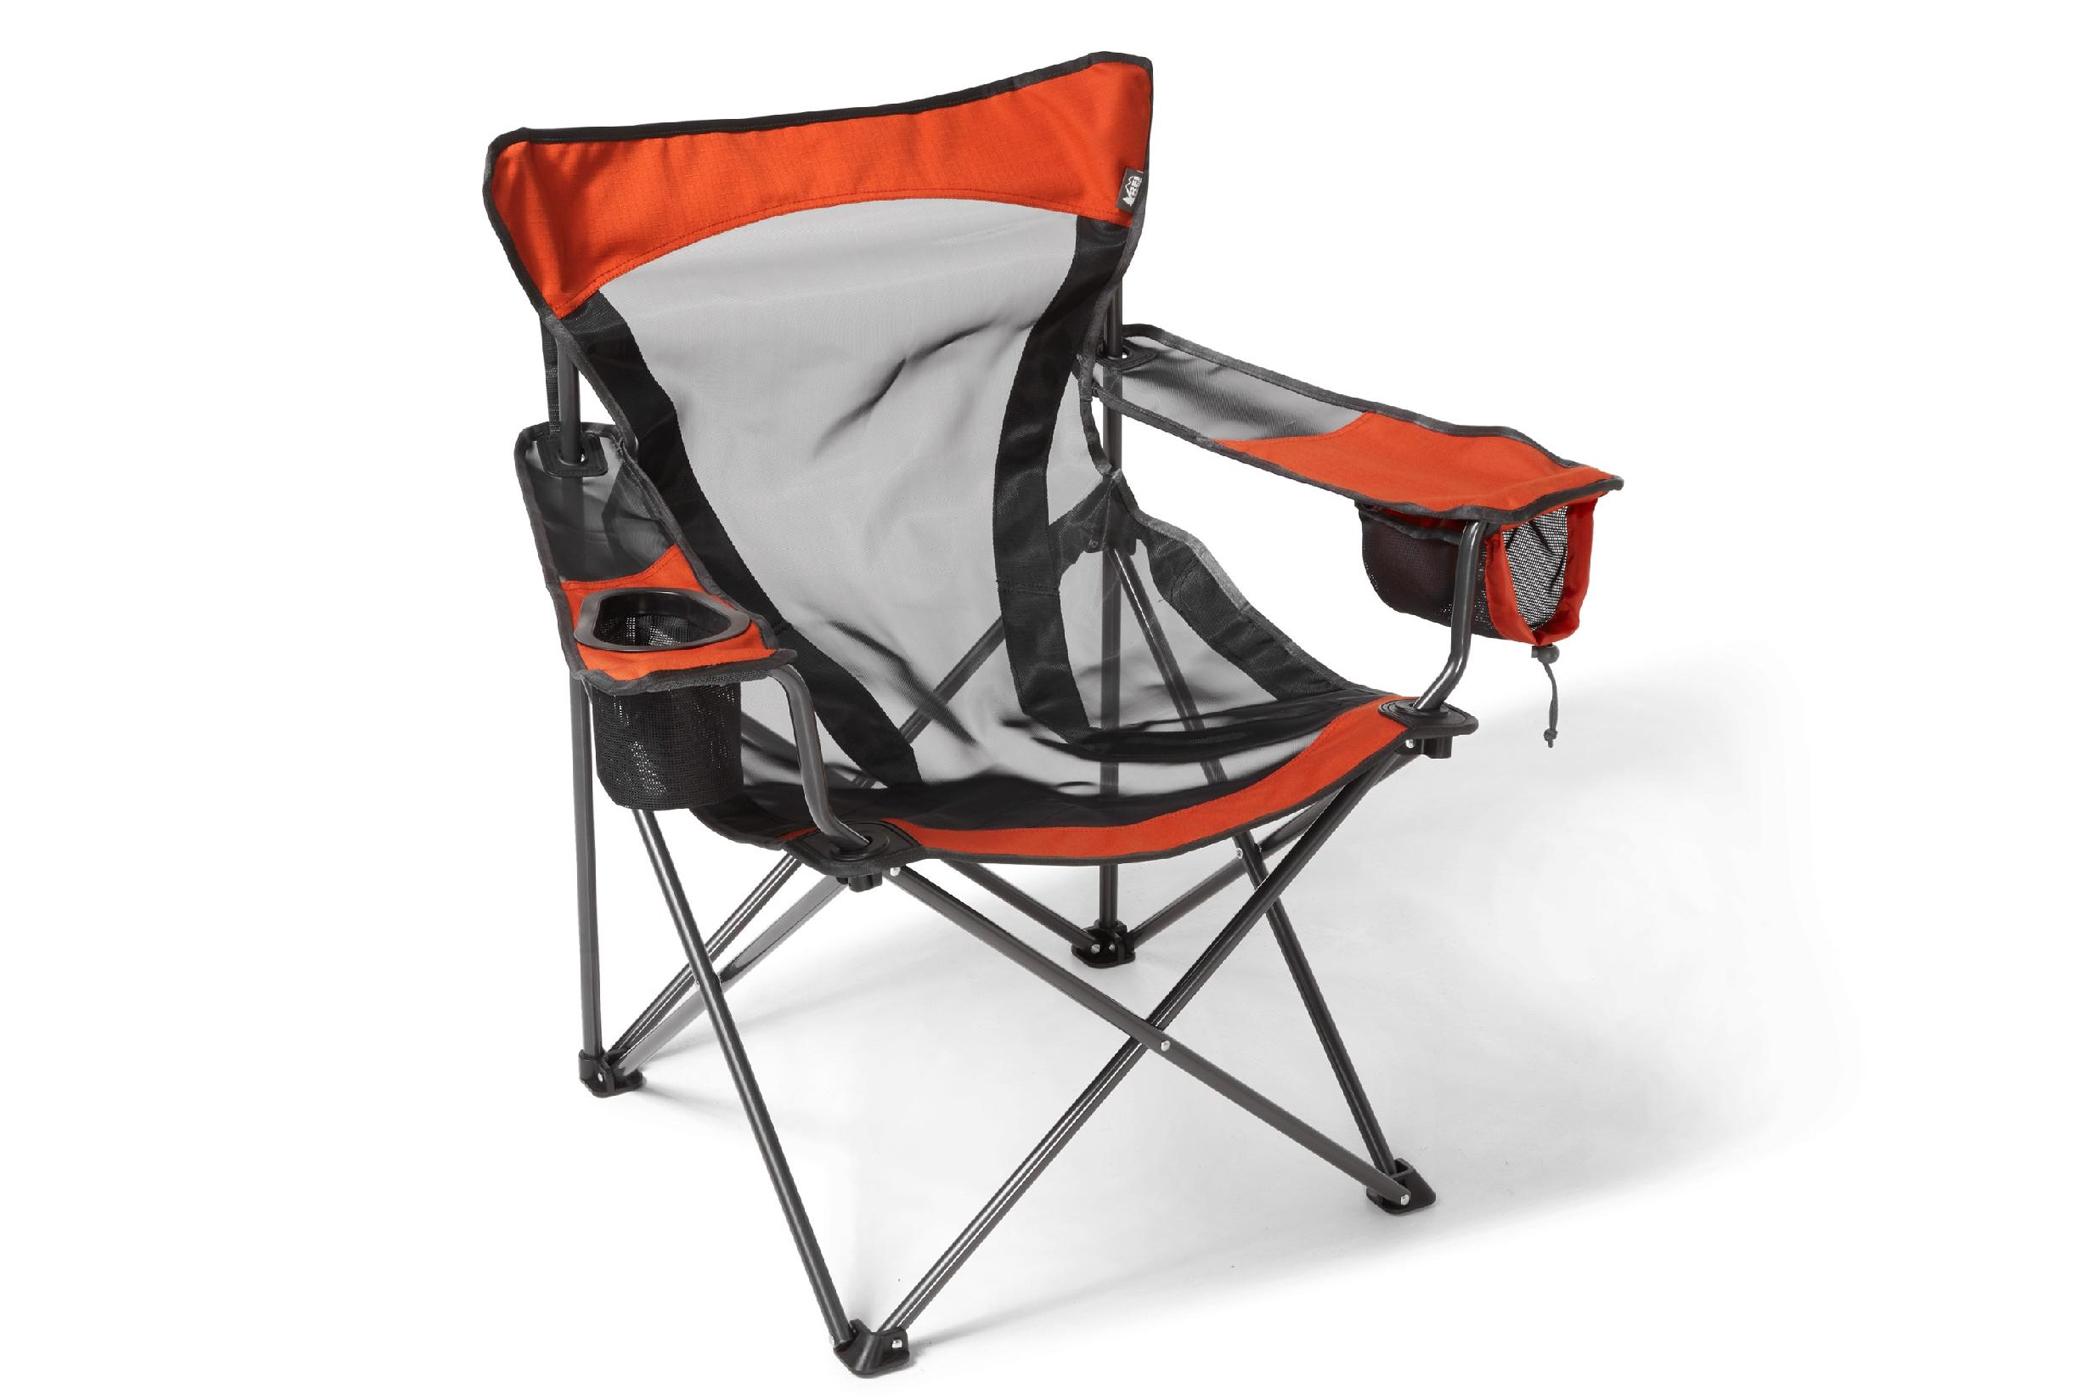 rei co-op camp x chair